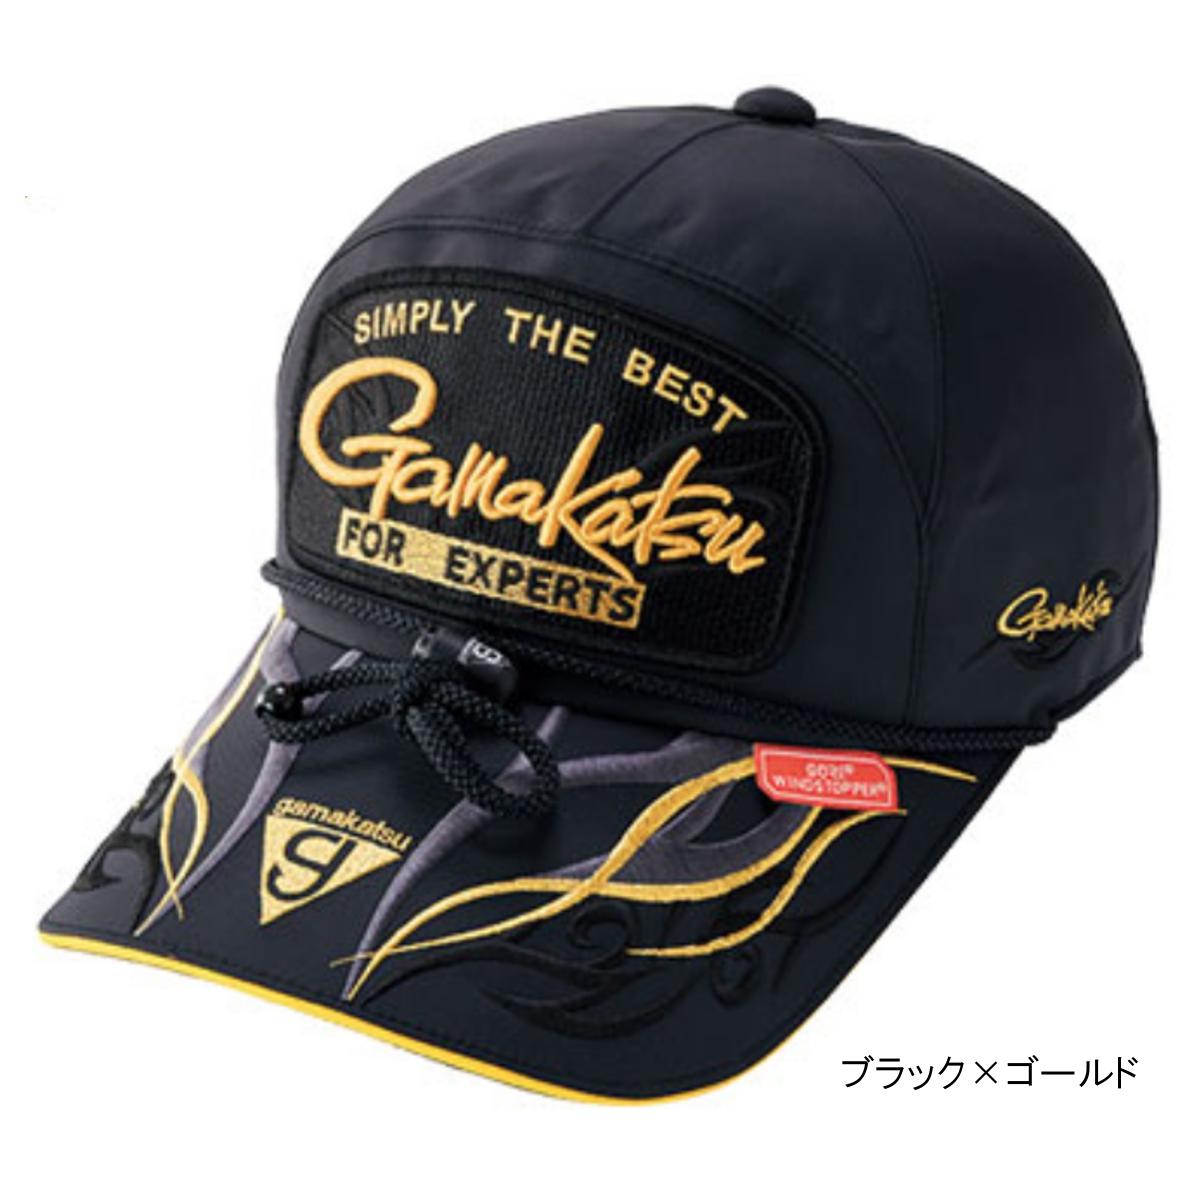 ウィンドストッパーキャップ(ワッペン) GM-9841 LL ブラック×ゴールド